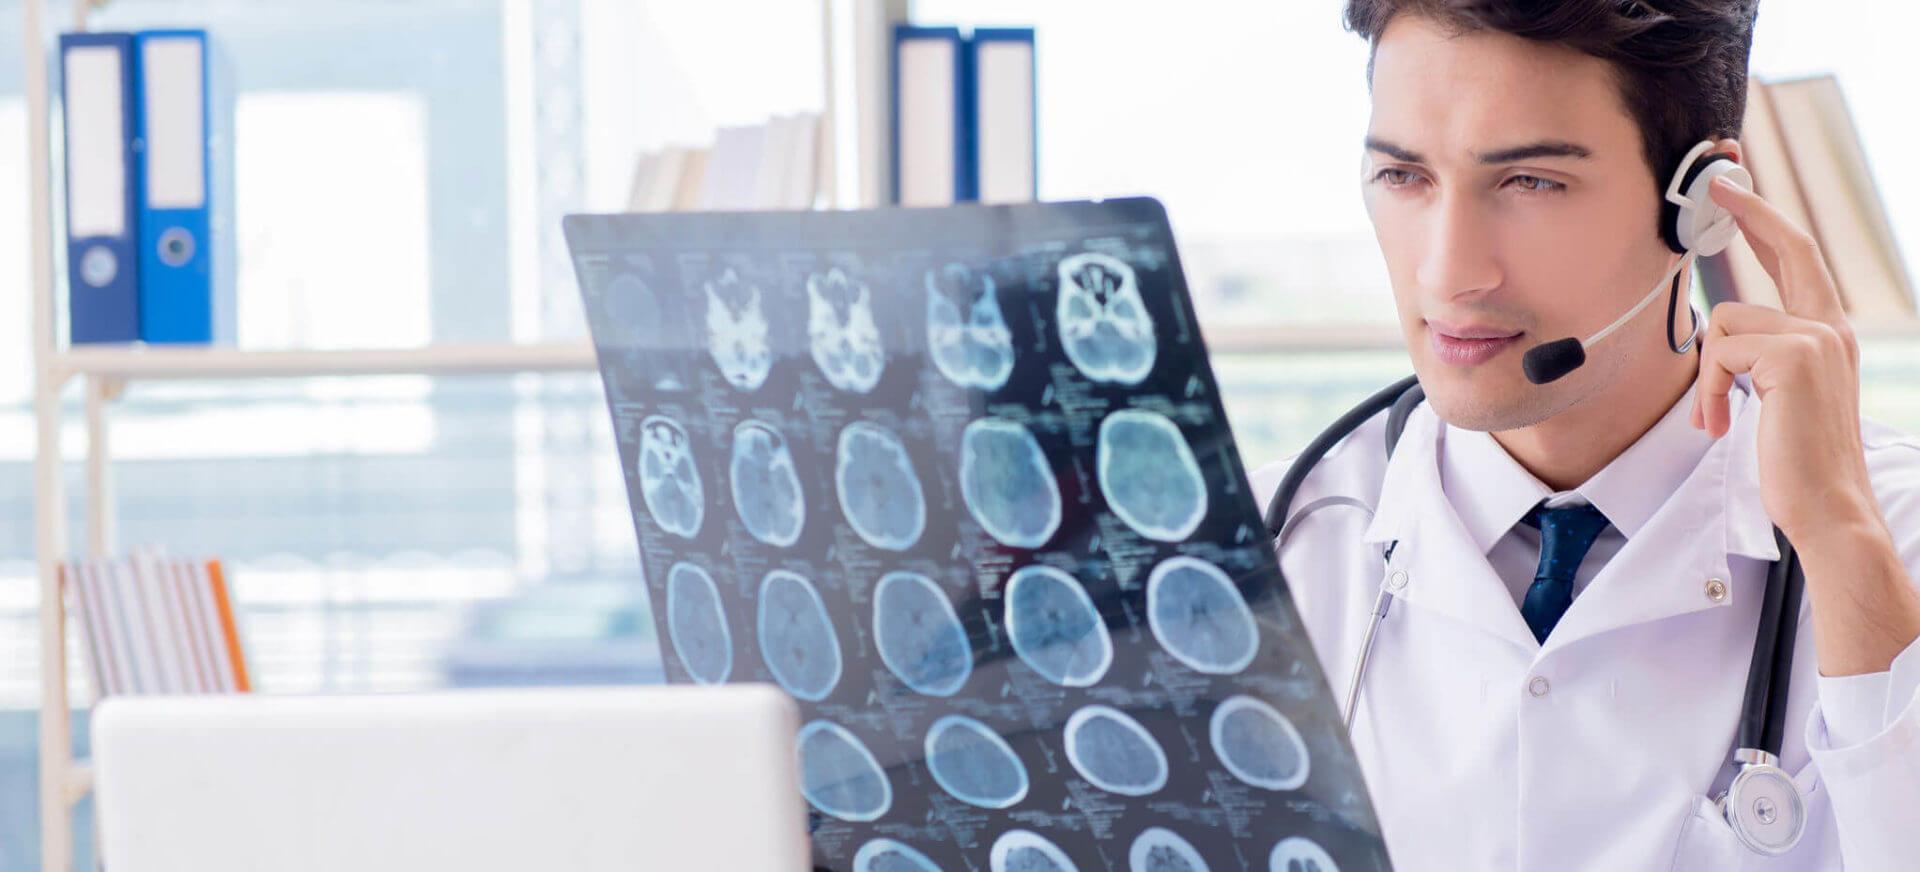 Telerradiologia: redução de custos com laudos a distância